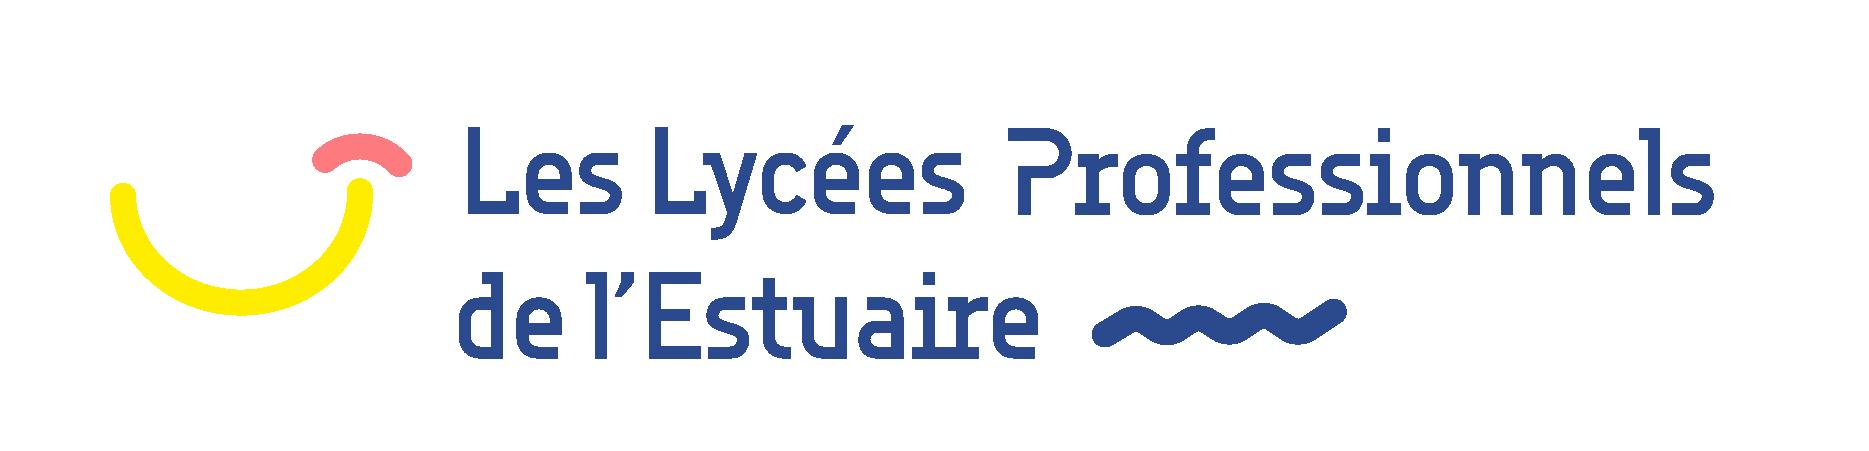 6-lycees-professionnels-estuaire-loire-atlantique-bassin-saint-nazaire-2